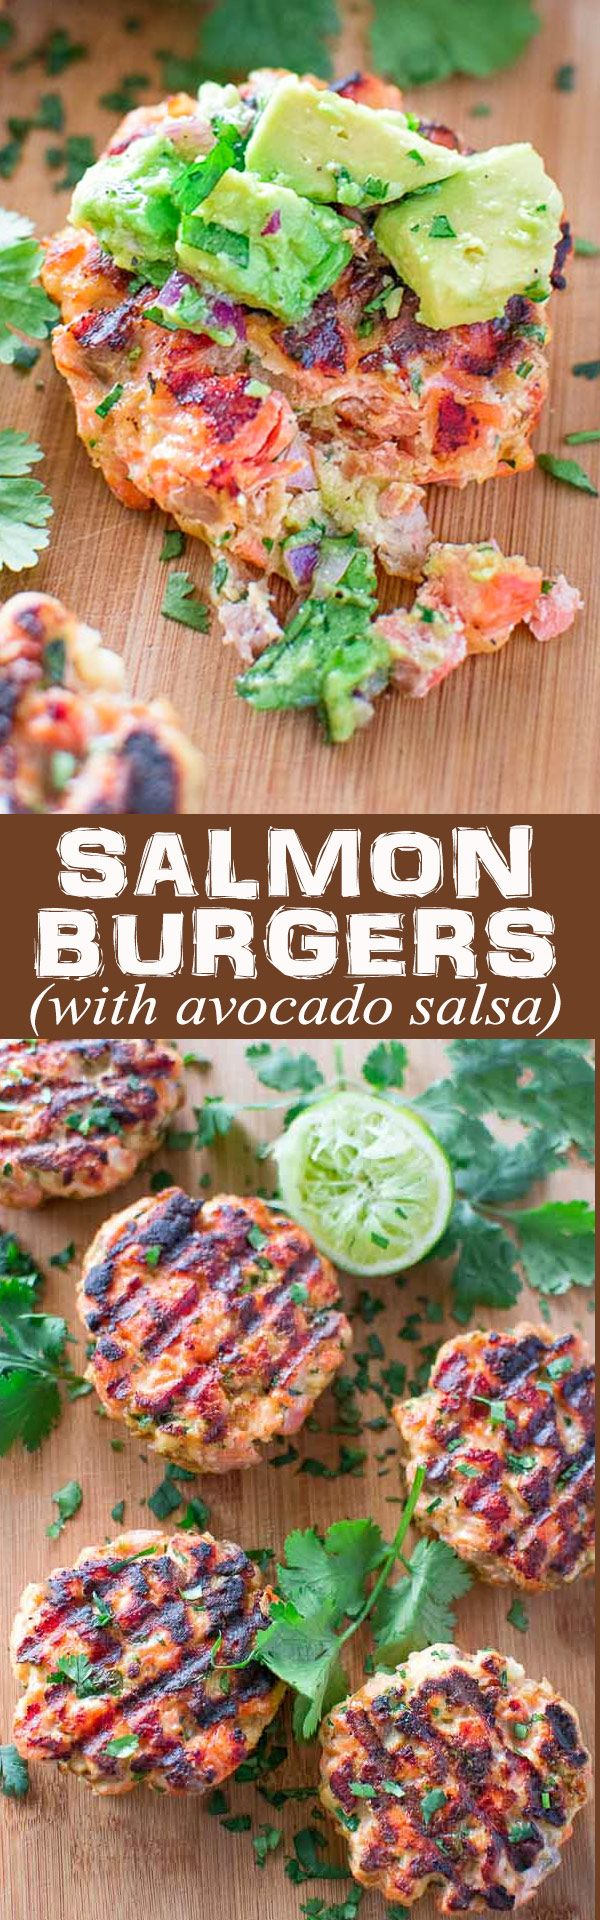 Salmon Burgers With Avocado Salsa Salmon Burger Recipessalmon